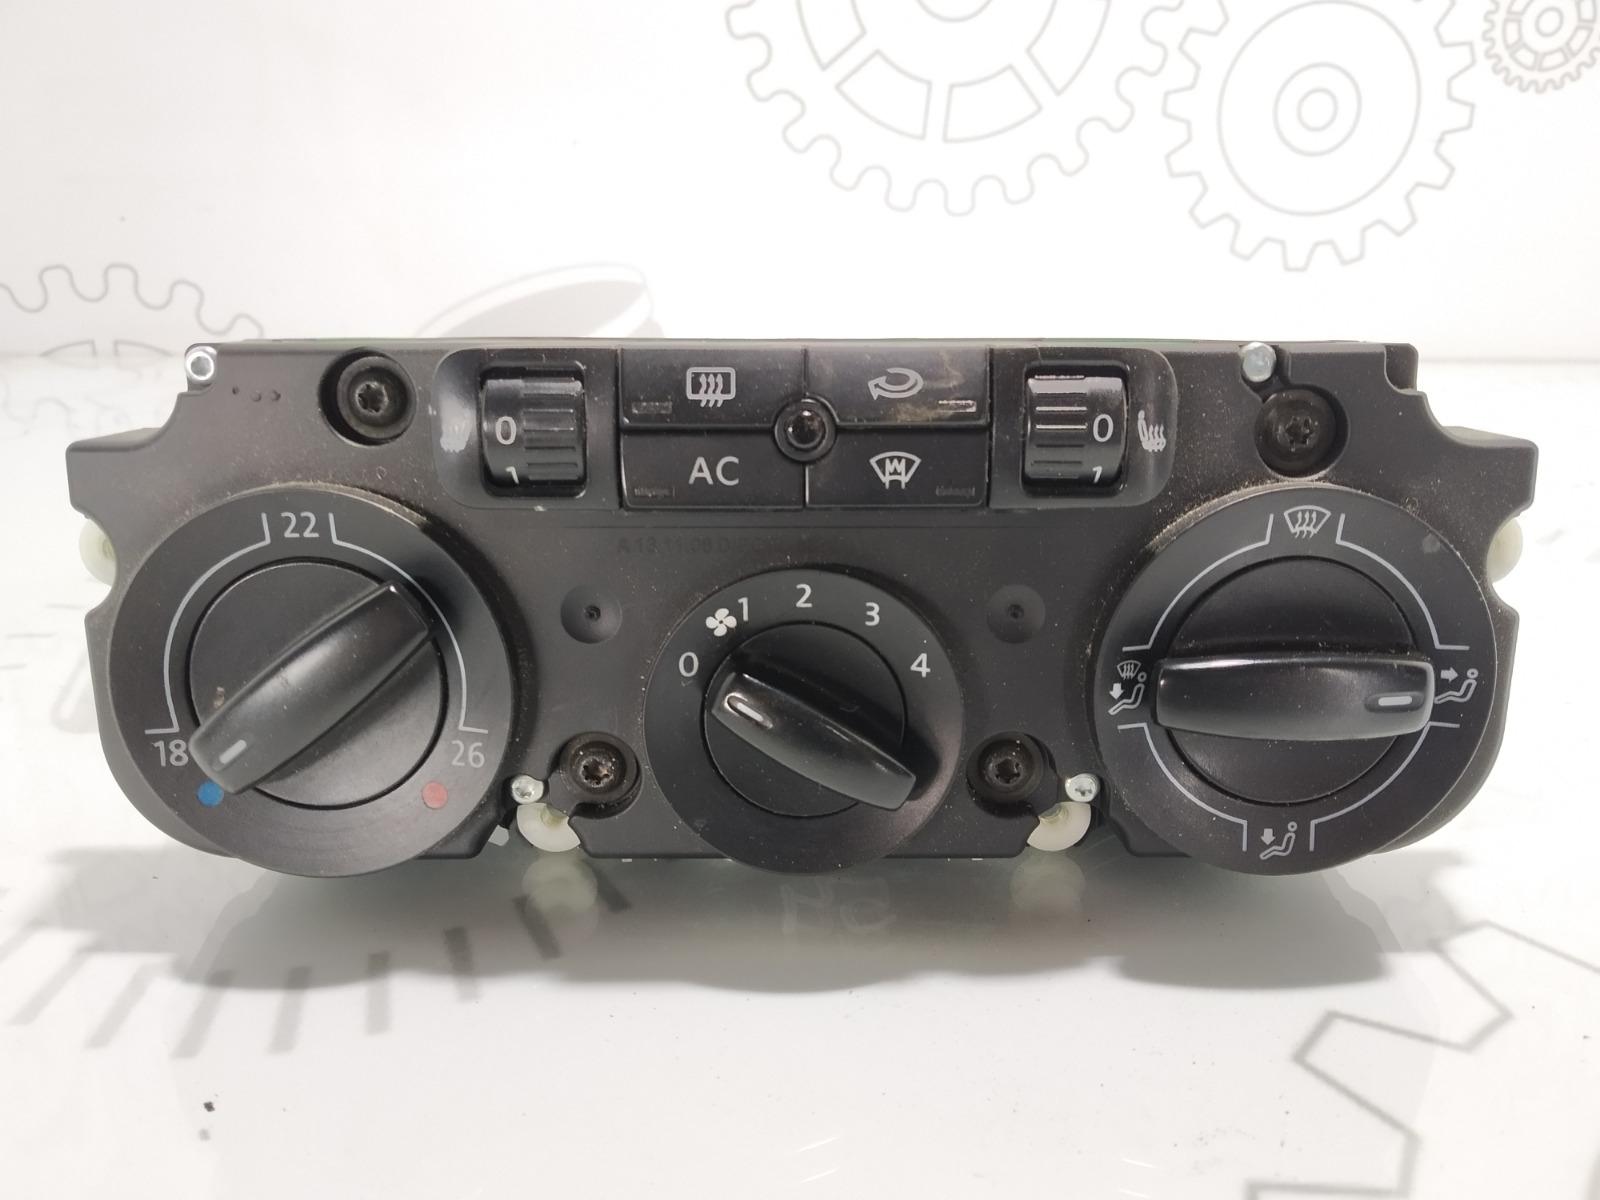 Блок управления печки/климат-контроля Volkswagen Passat B6 2.0 TDI 2009 (б/у)